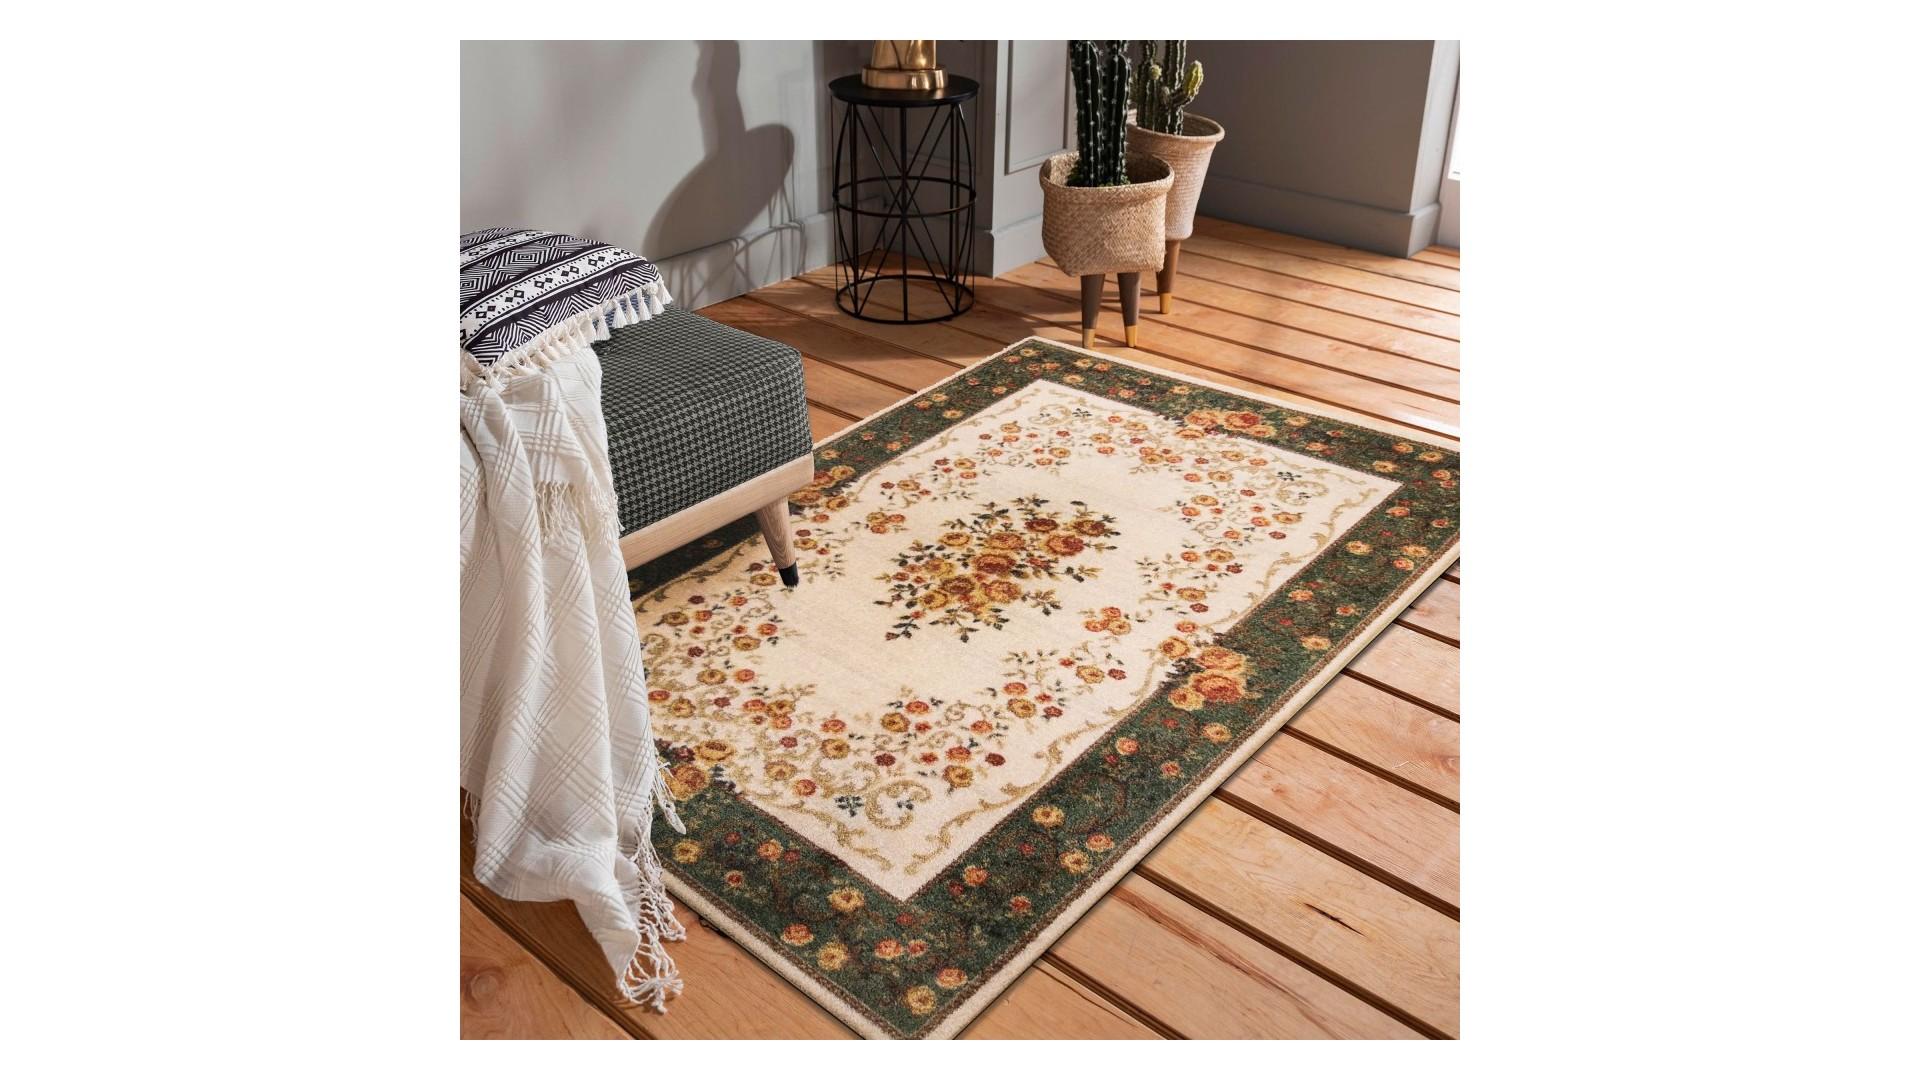 Ornamentowy kwiecisty wzór i pastelowe wybarwienie doskonale sprawdzą się w salonie, czy pokoju dziennym.